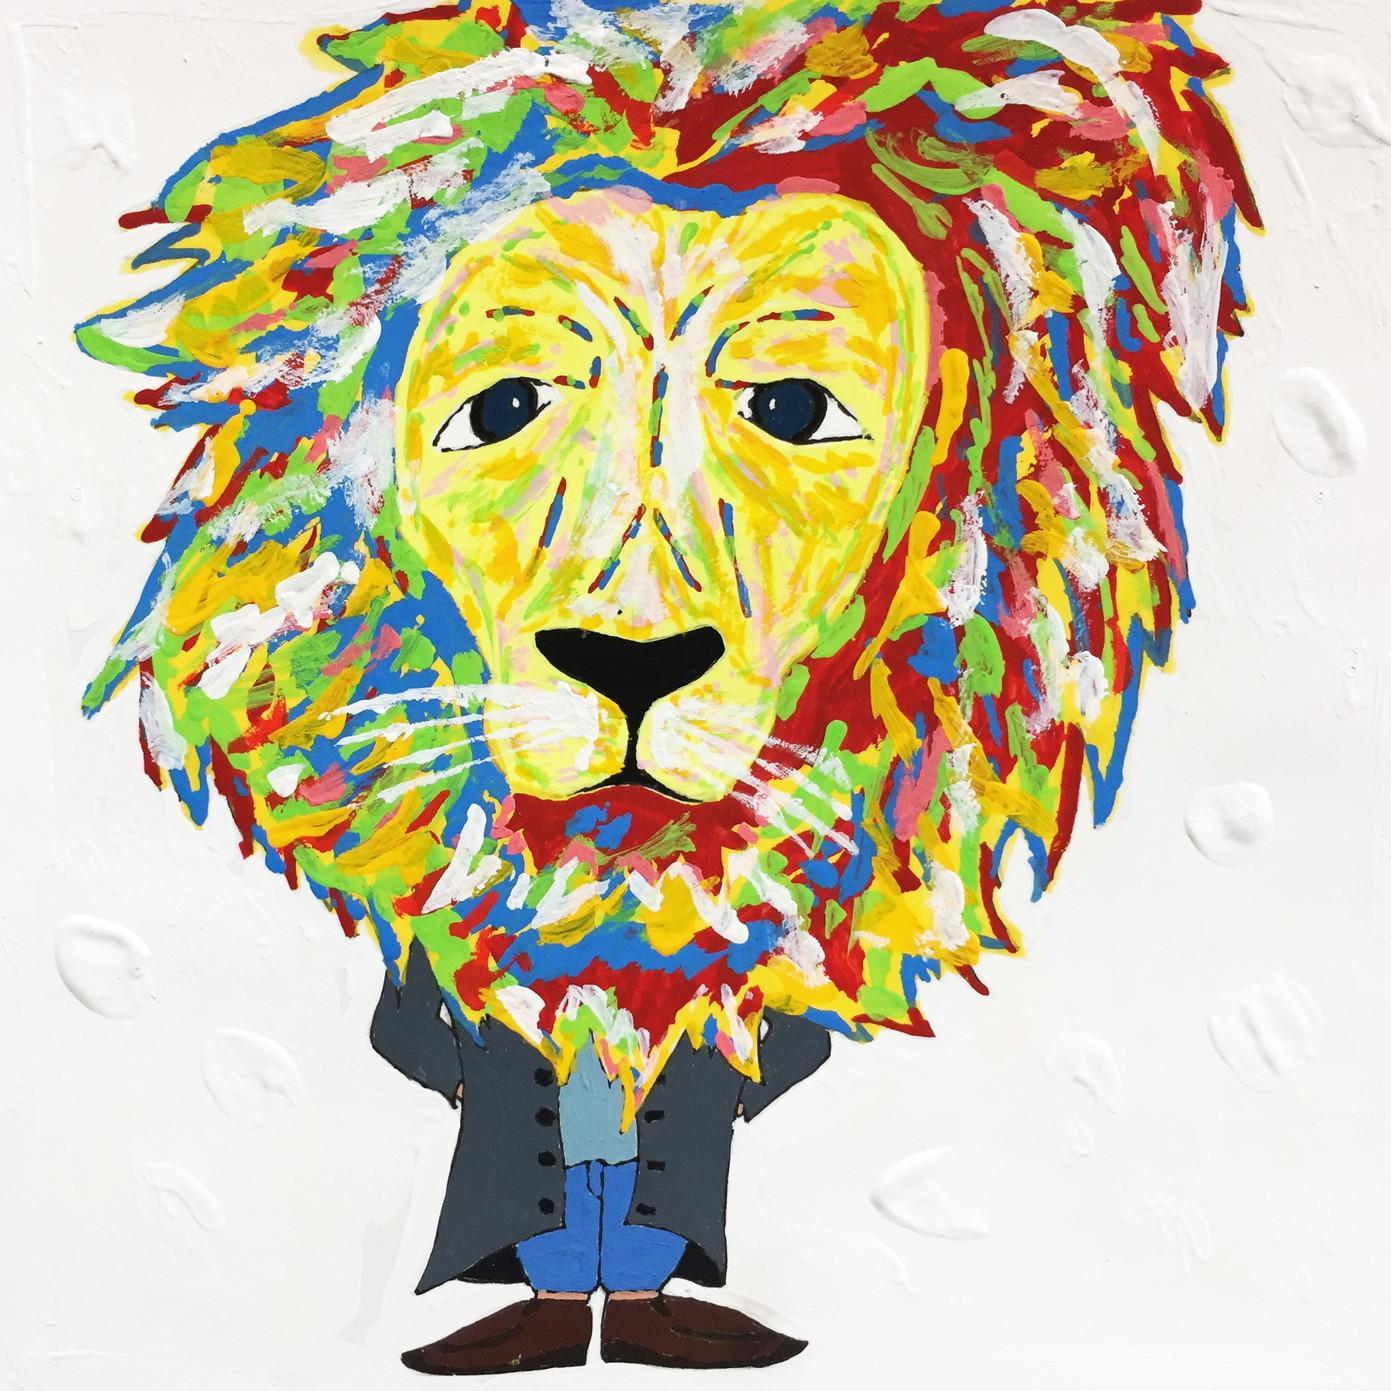 絵画 インテリア アートパネル 雑貨 壁掛け 置物 おしゃれ アクリル画 イラスト ライオン 動物 ロココロ 画家 : yuki 作品 : 威厳